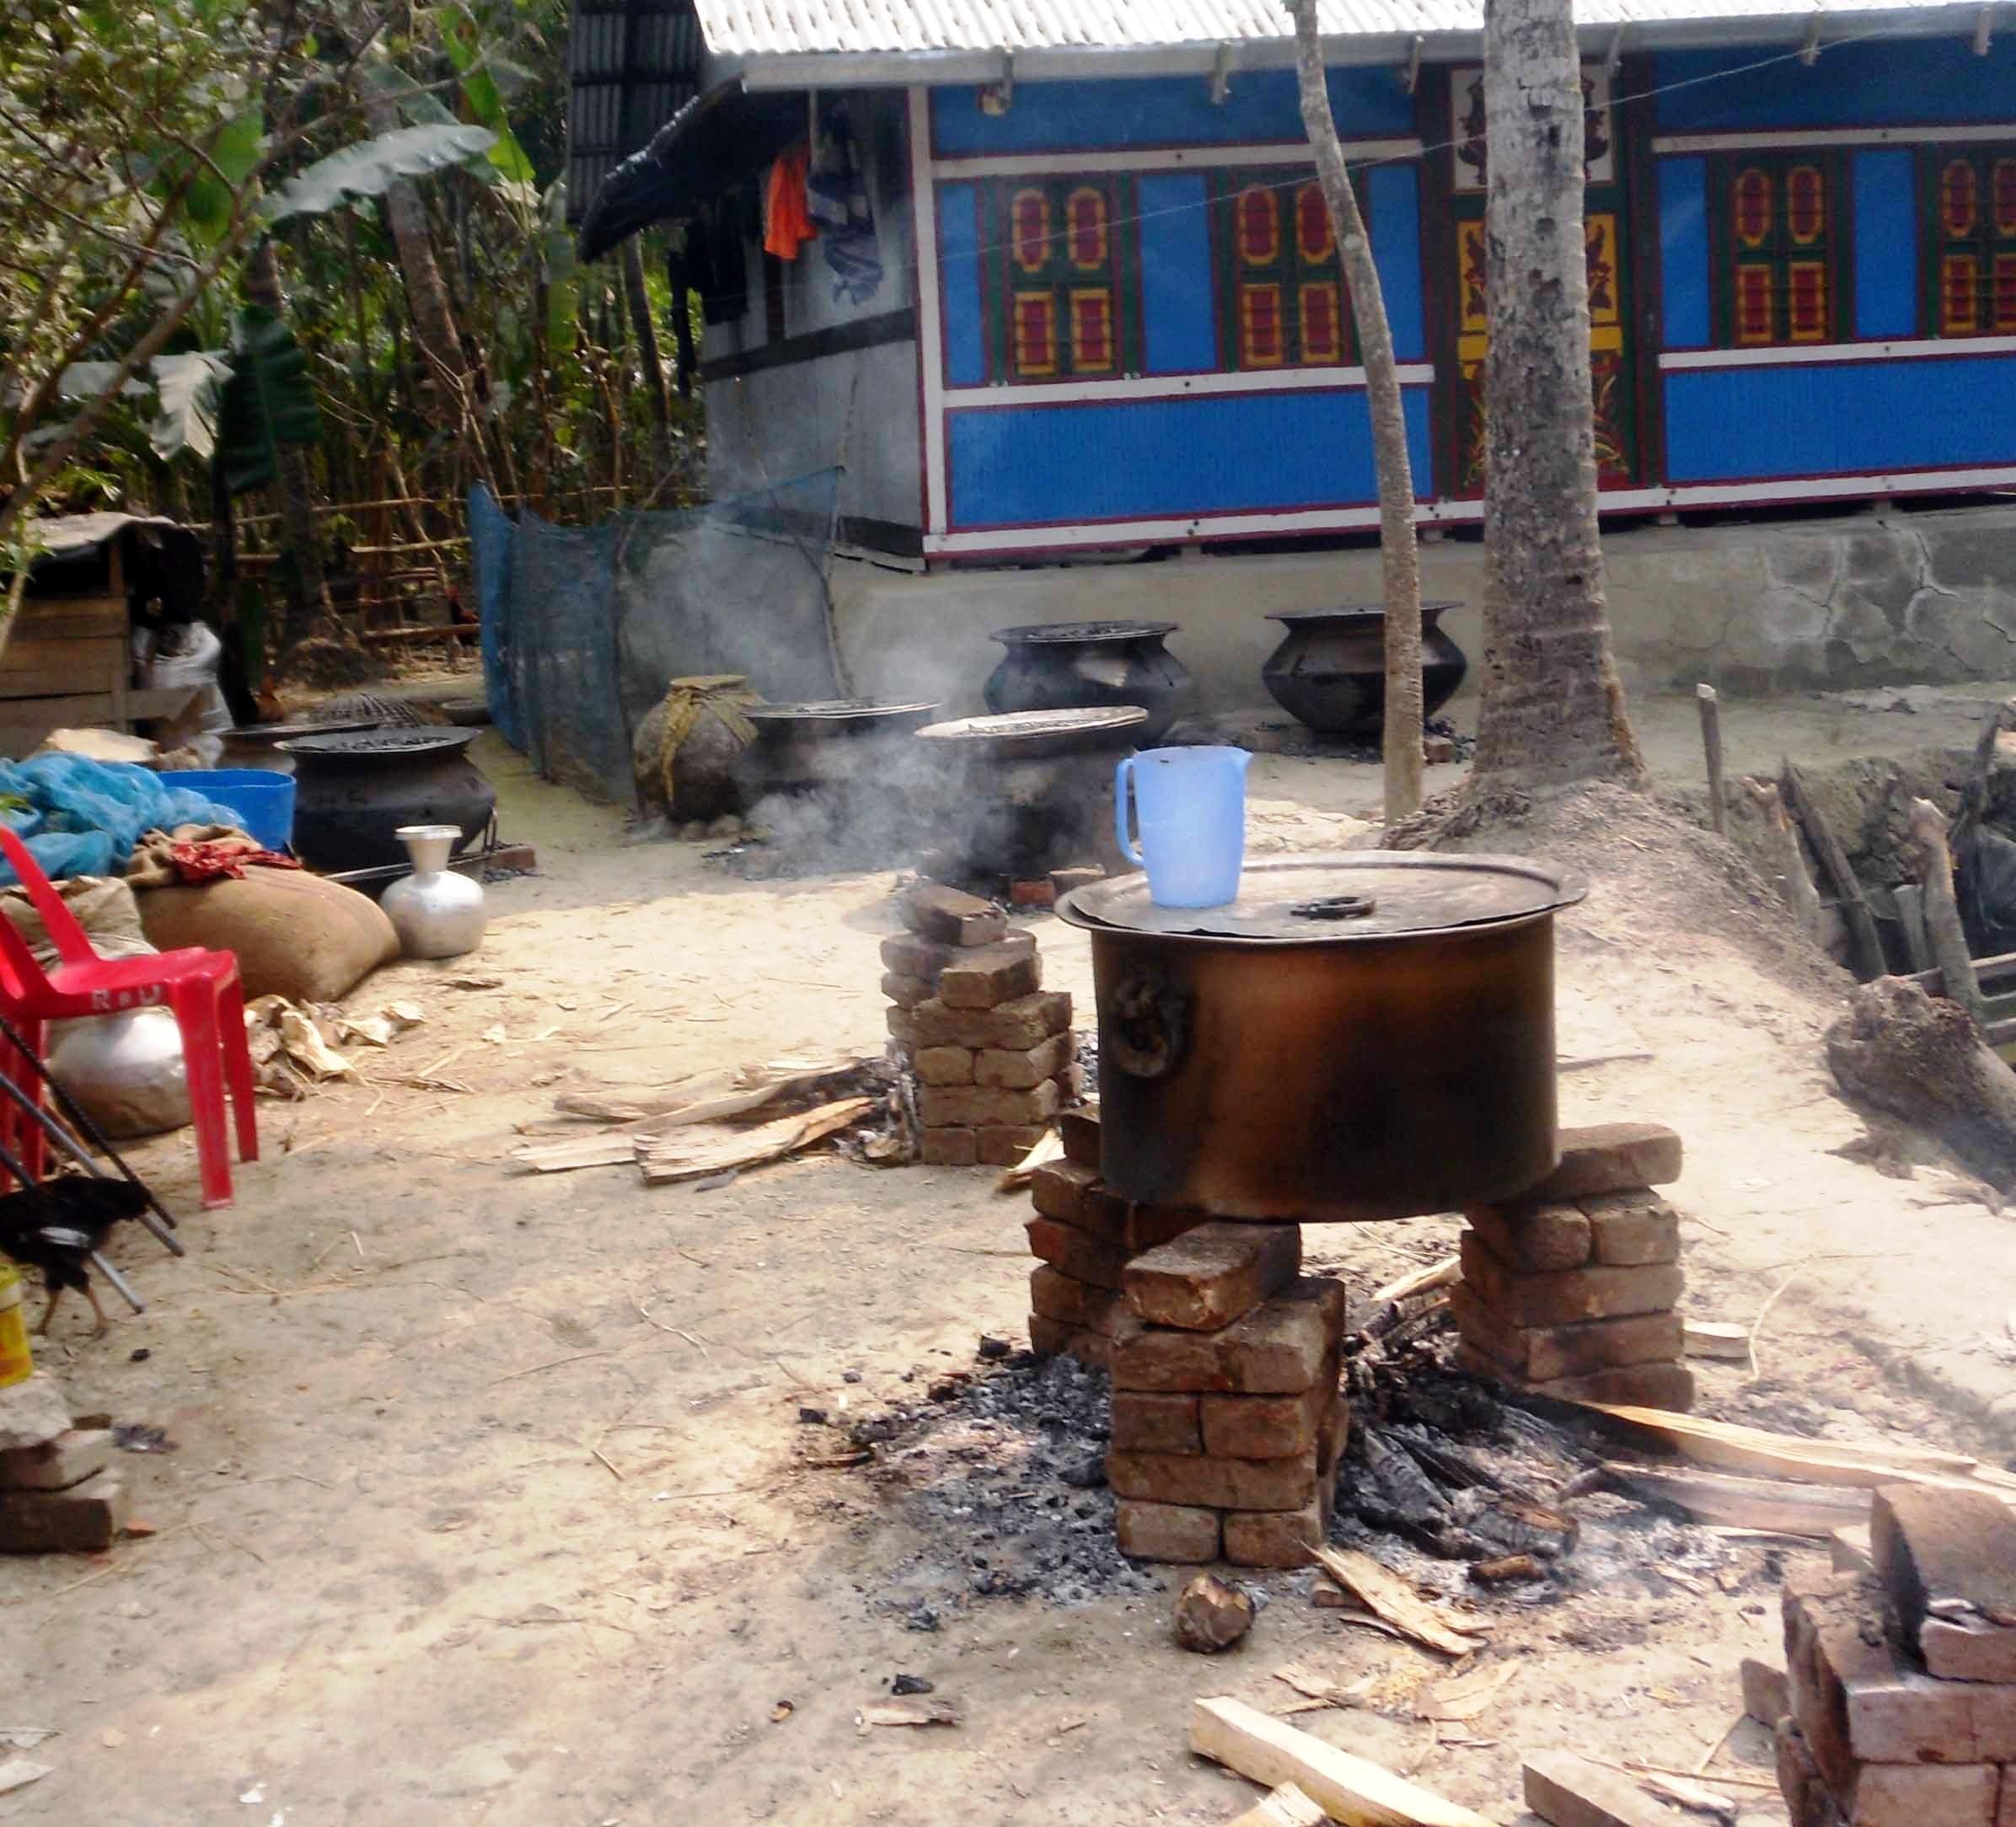 মোরেগঞ্জে ইউএনও'র হস্তক্ষেপে বাল্যবিয়ে পন্ড: ৪২ হাজার টাকা অর্থদন্ড